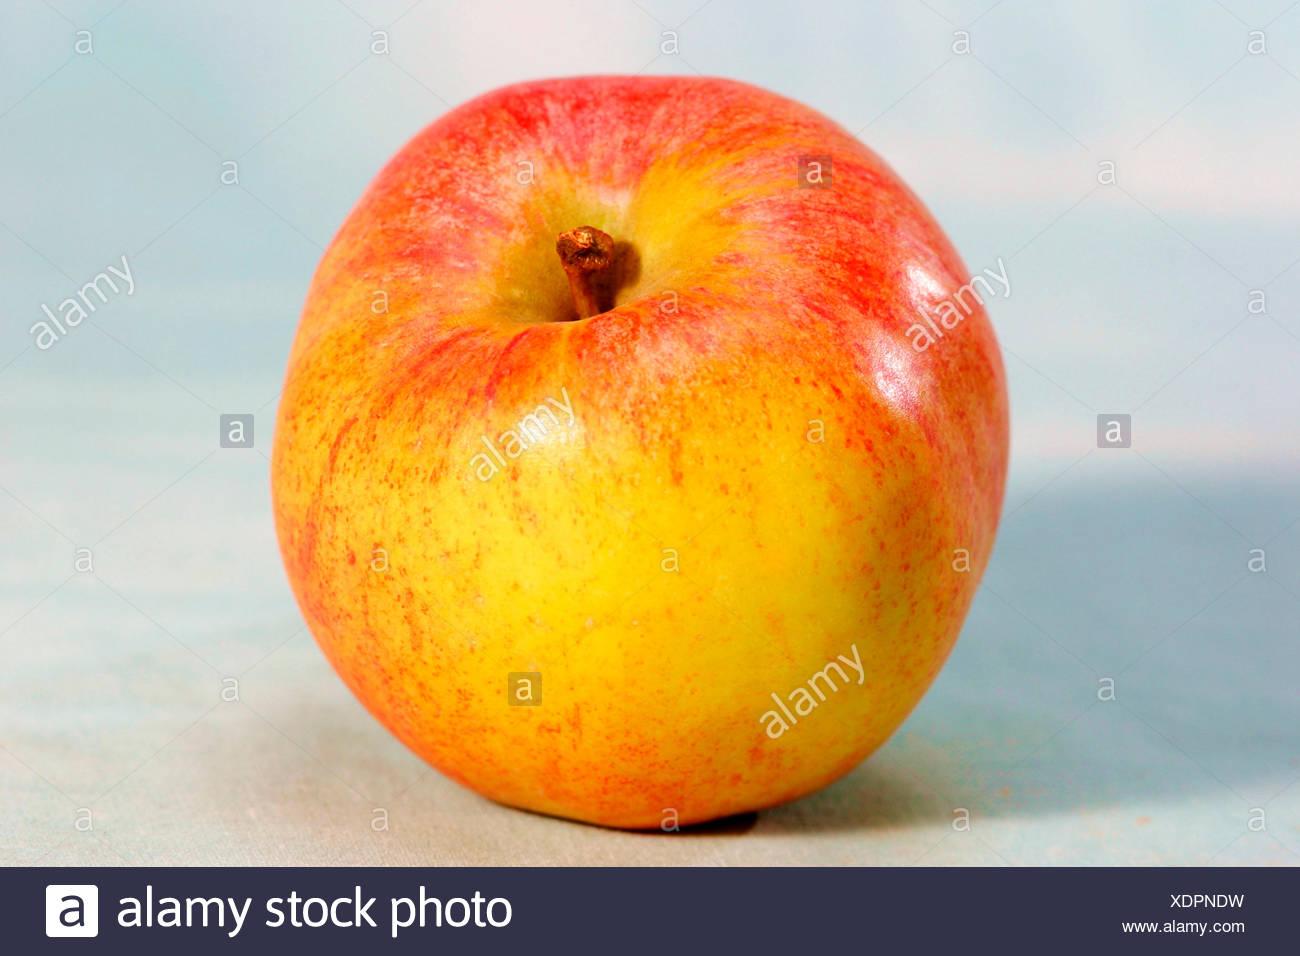 apple (Malus domestica), Apple sort Westfaelischer Gulderling - Stock Image